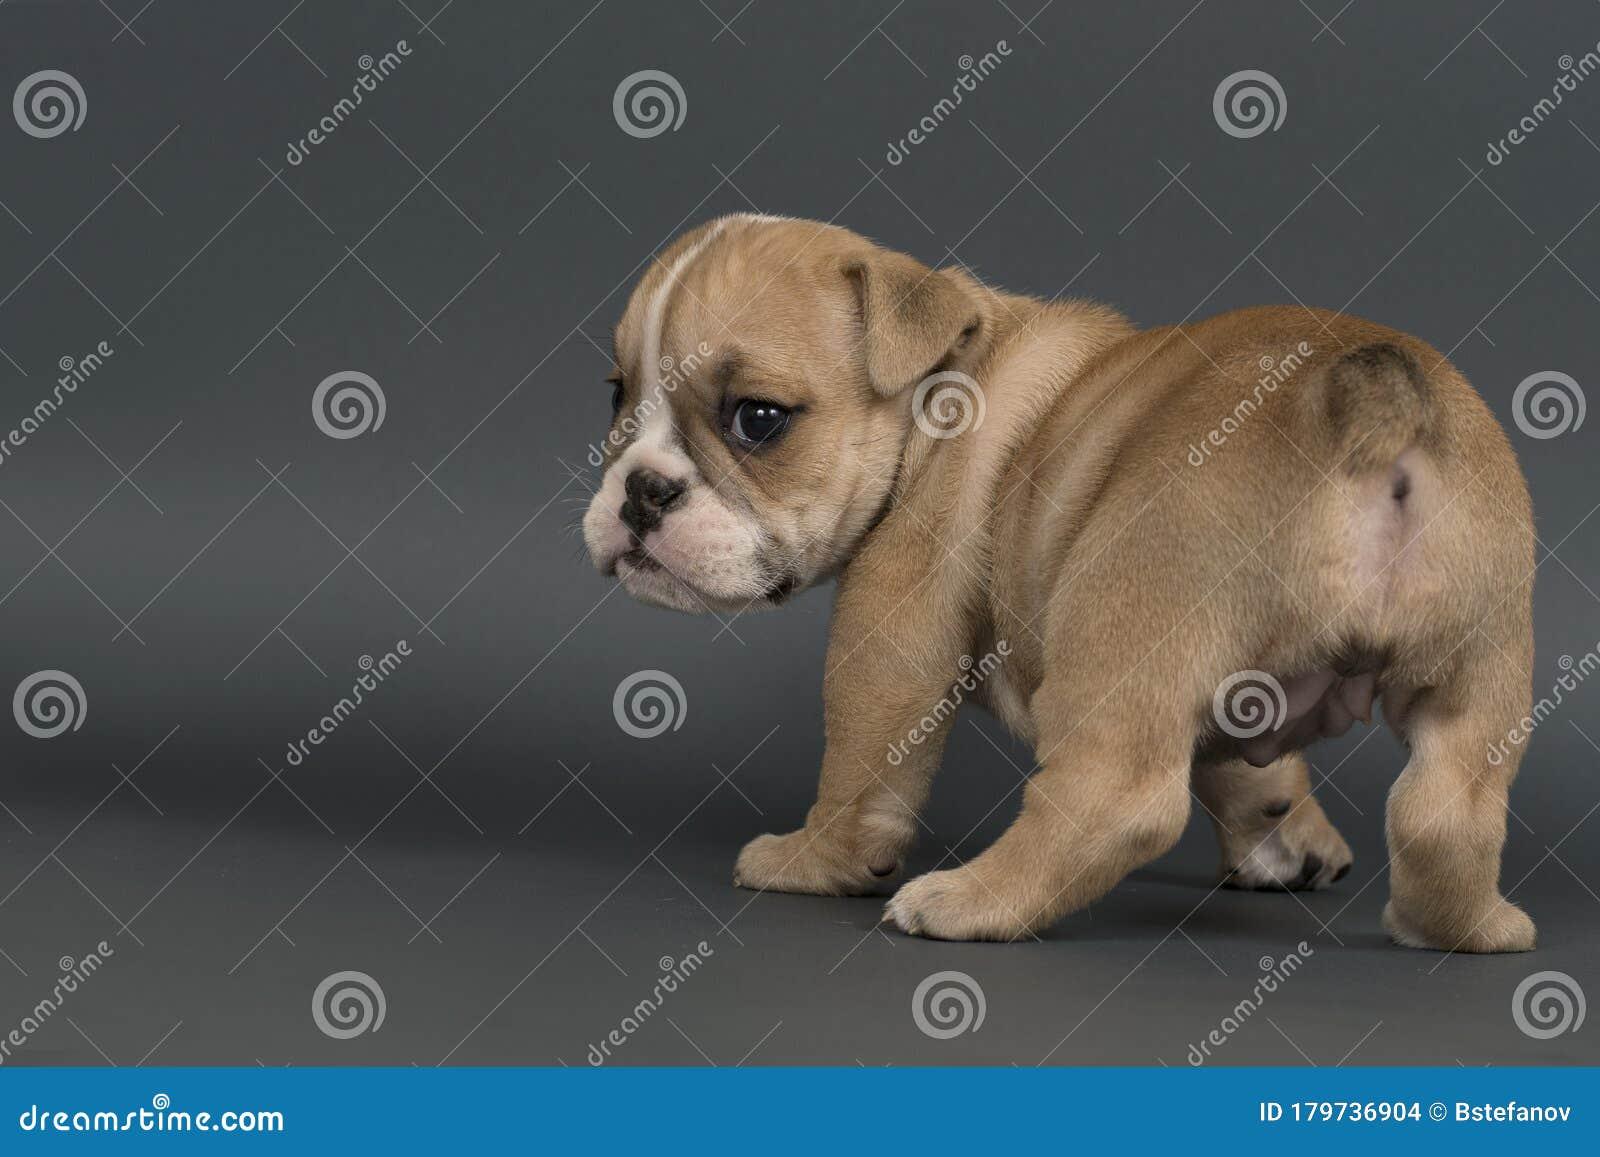 English Bulldog Puppy Stock Photo Image Of Bulldog 179736904